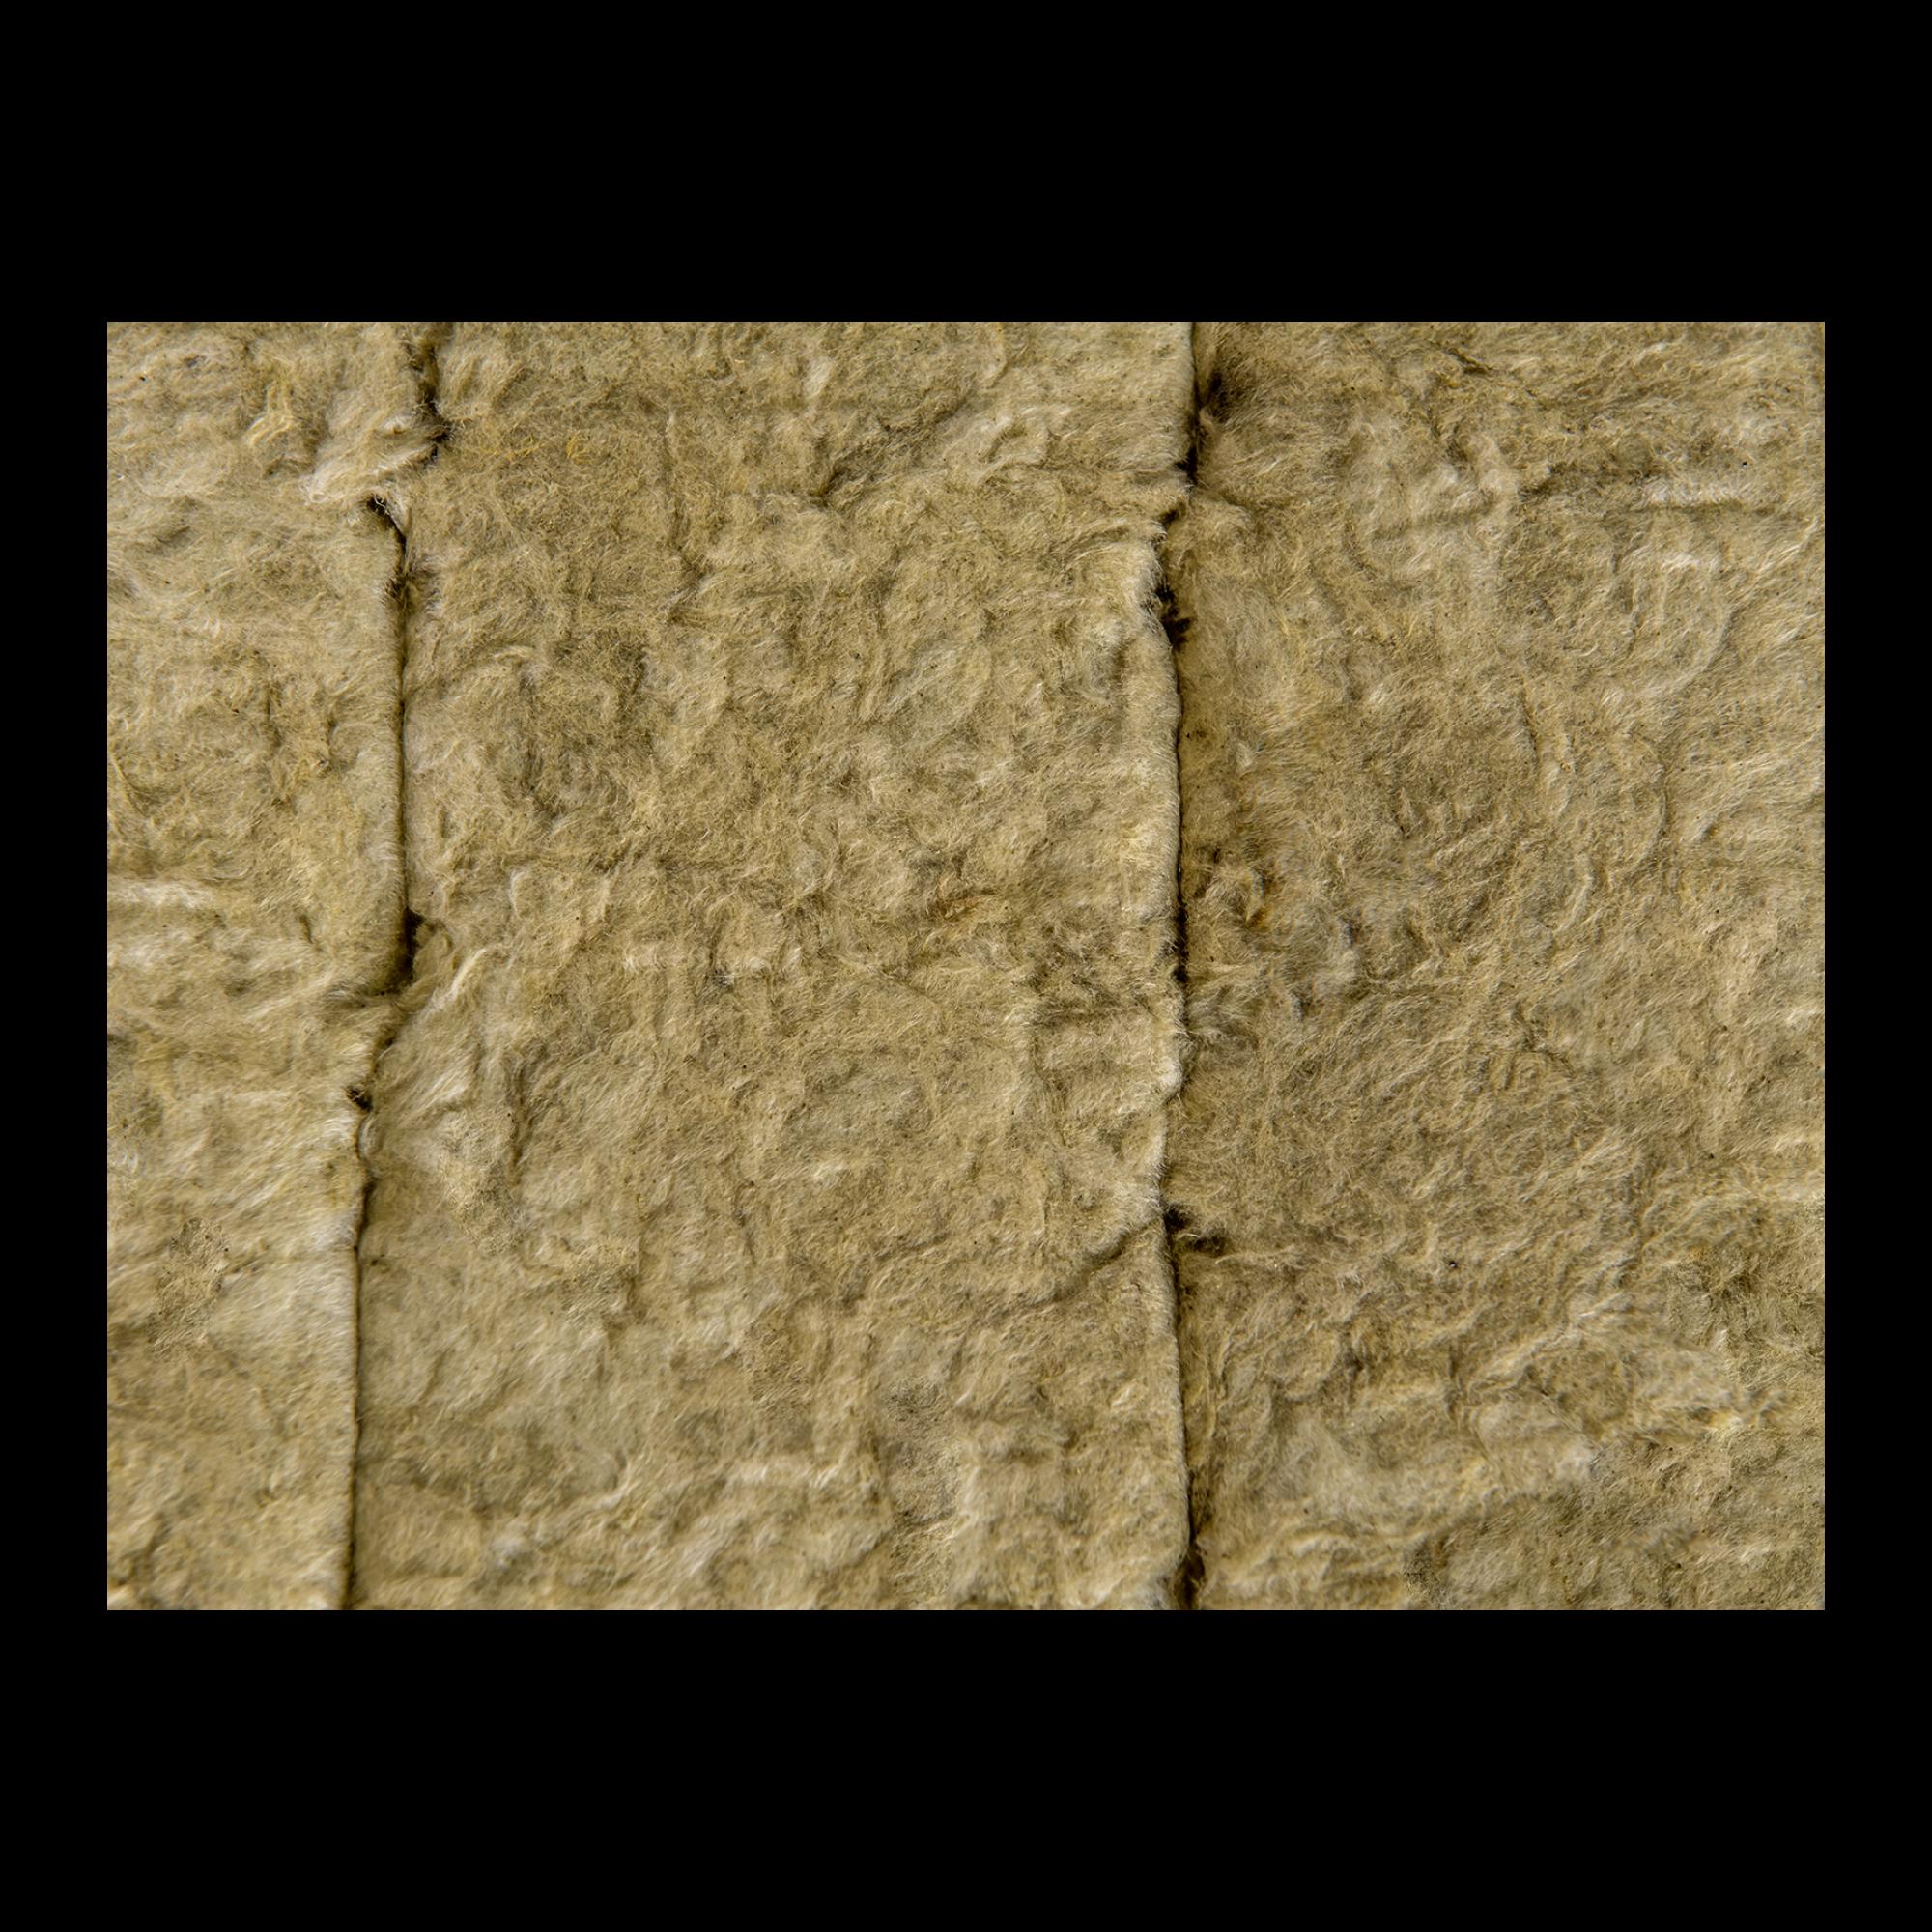 Бетон фа поделки своими руками из цементного раствора